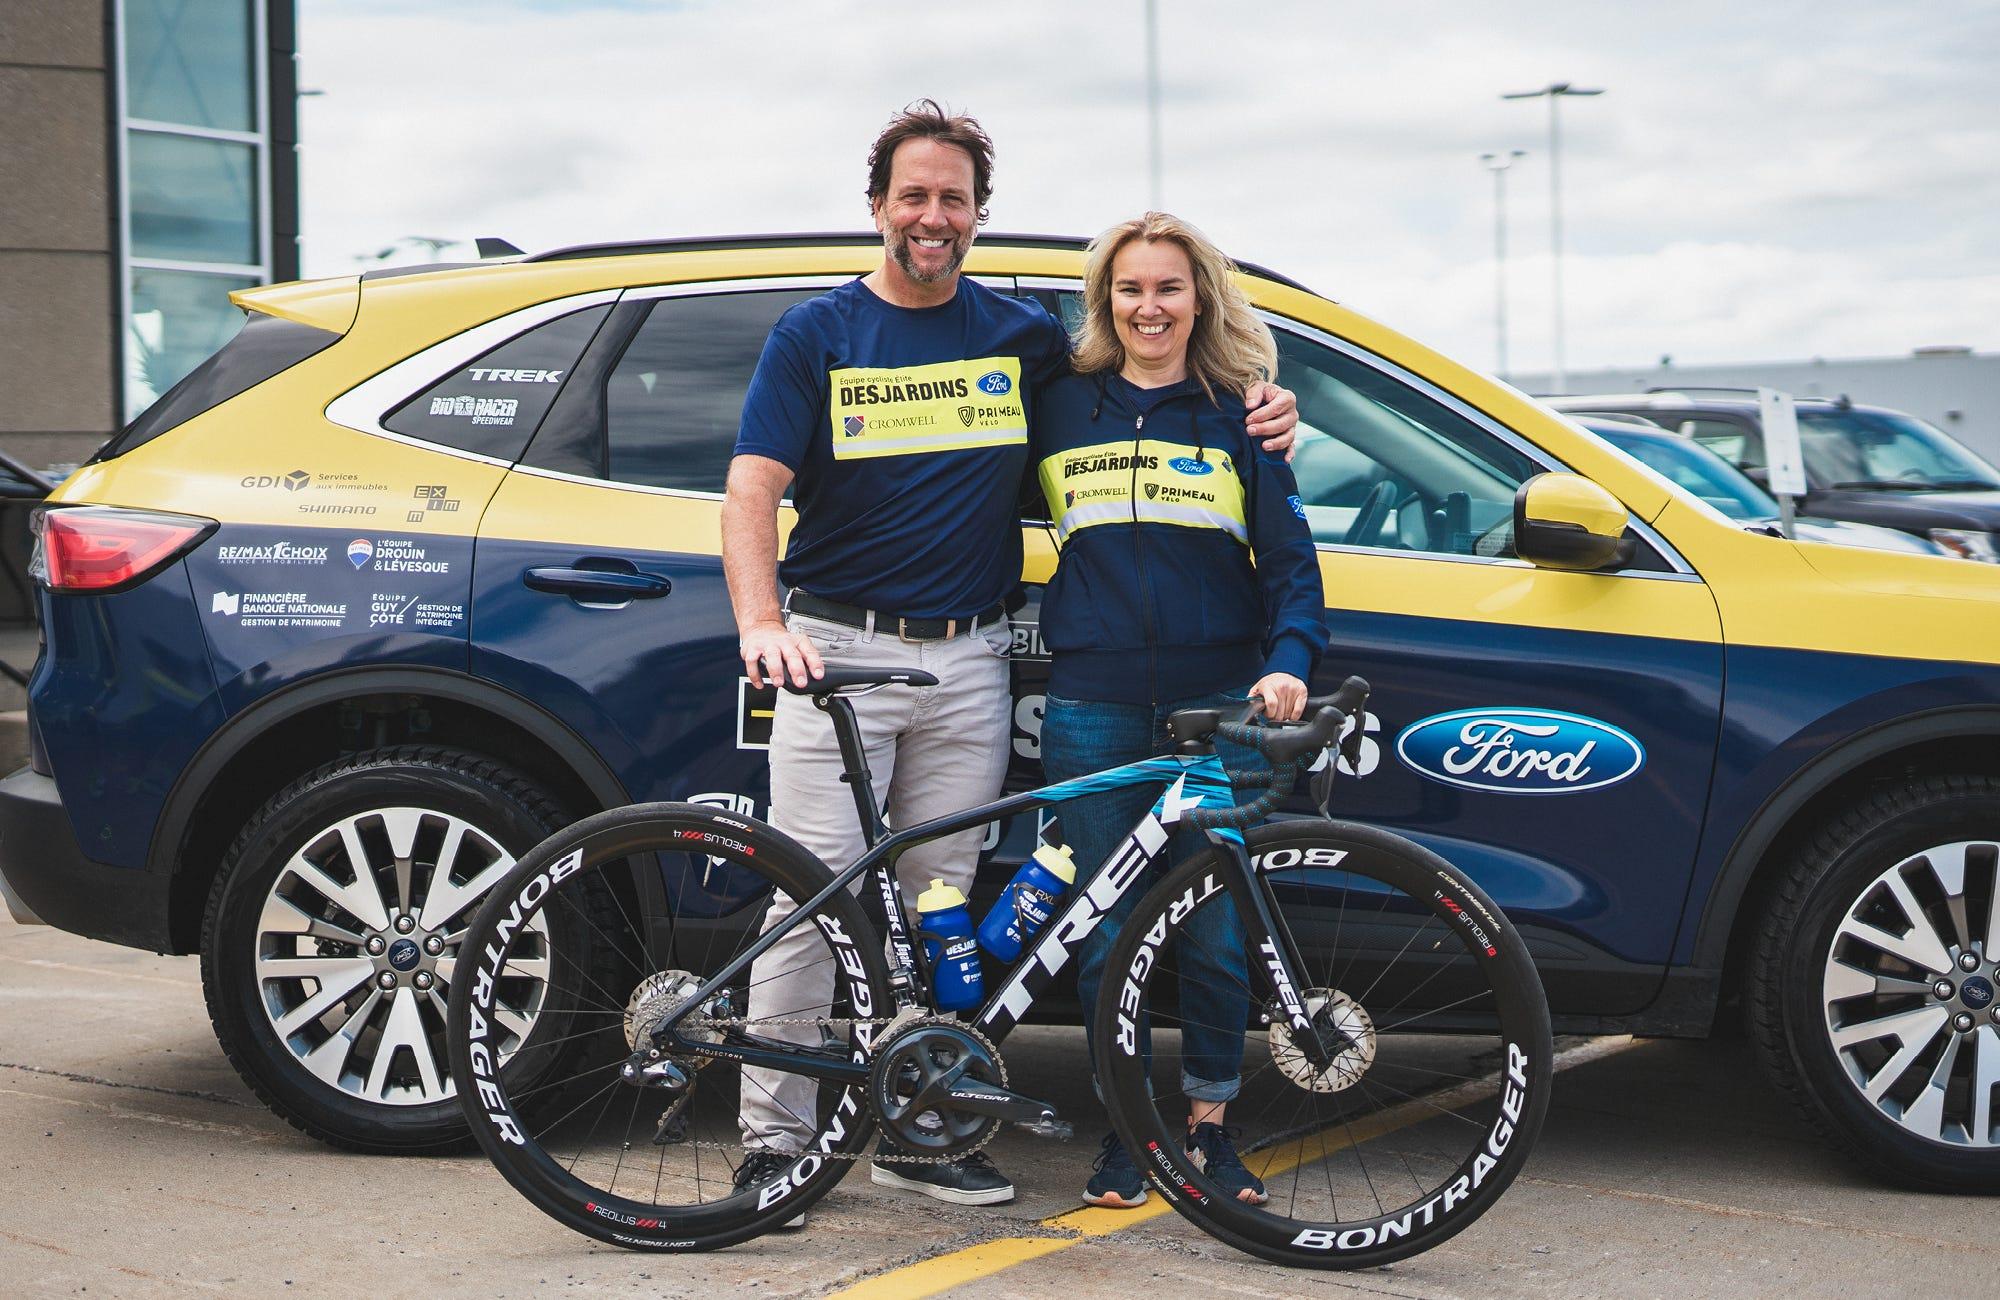 2021 - Éric Primeau et Christine Gillard, entraineure de l'équipe cycliste Desjardins-Ford. Primeau Vélo est un fier commanditaire de l'équipe